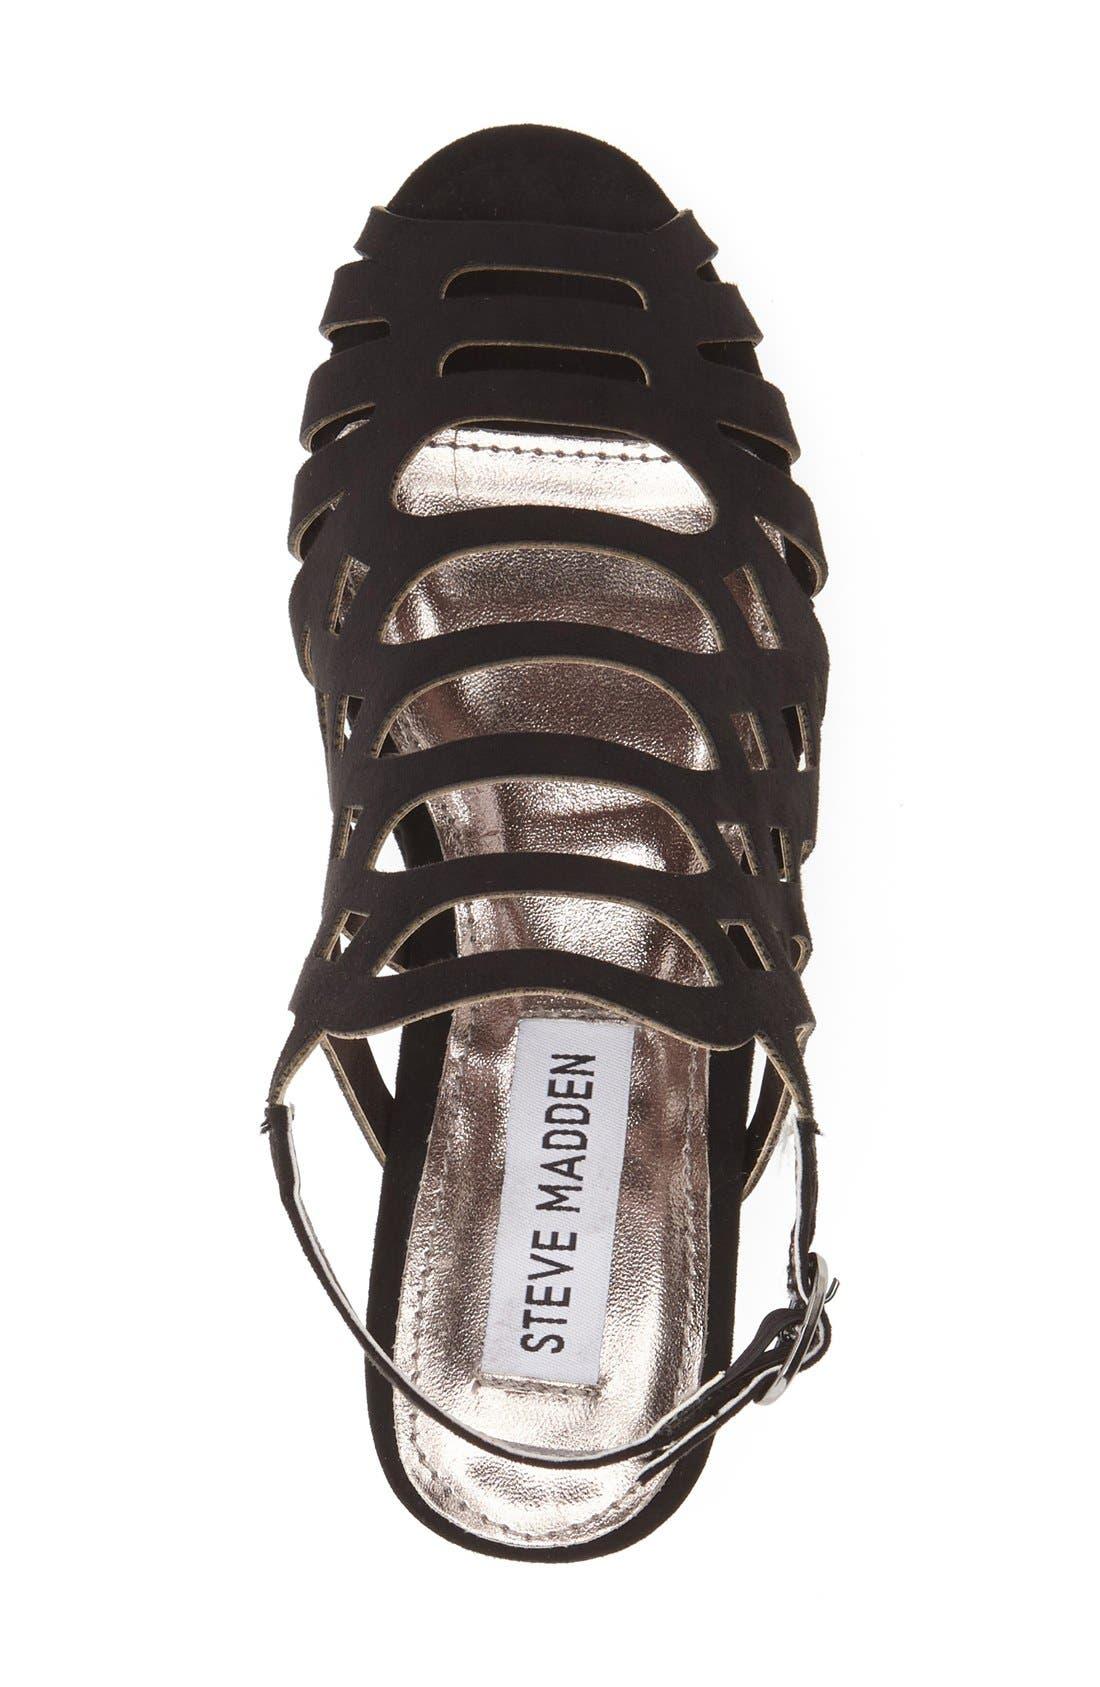 'Jslithr' Cage Wedge Sandal,                             Alternate thumbnail 3, color,                             BLACK